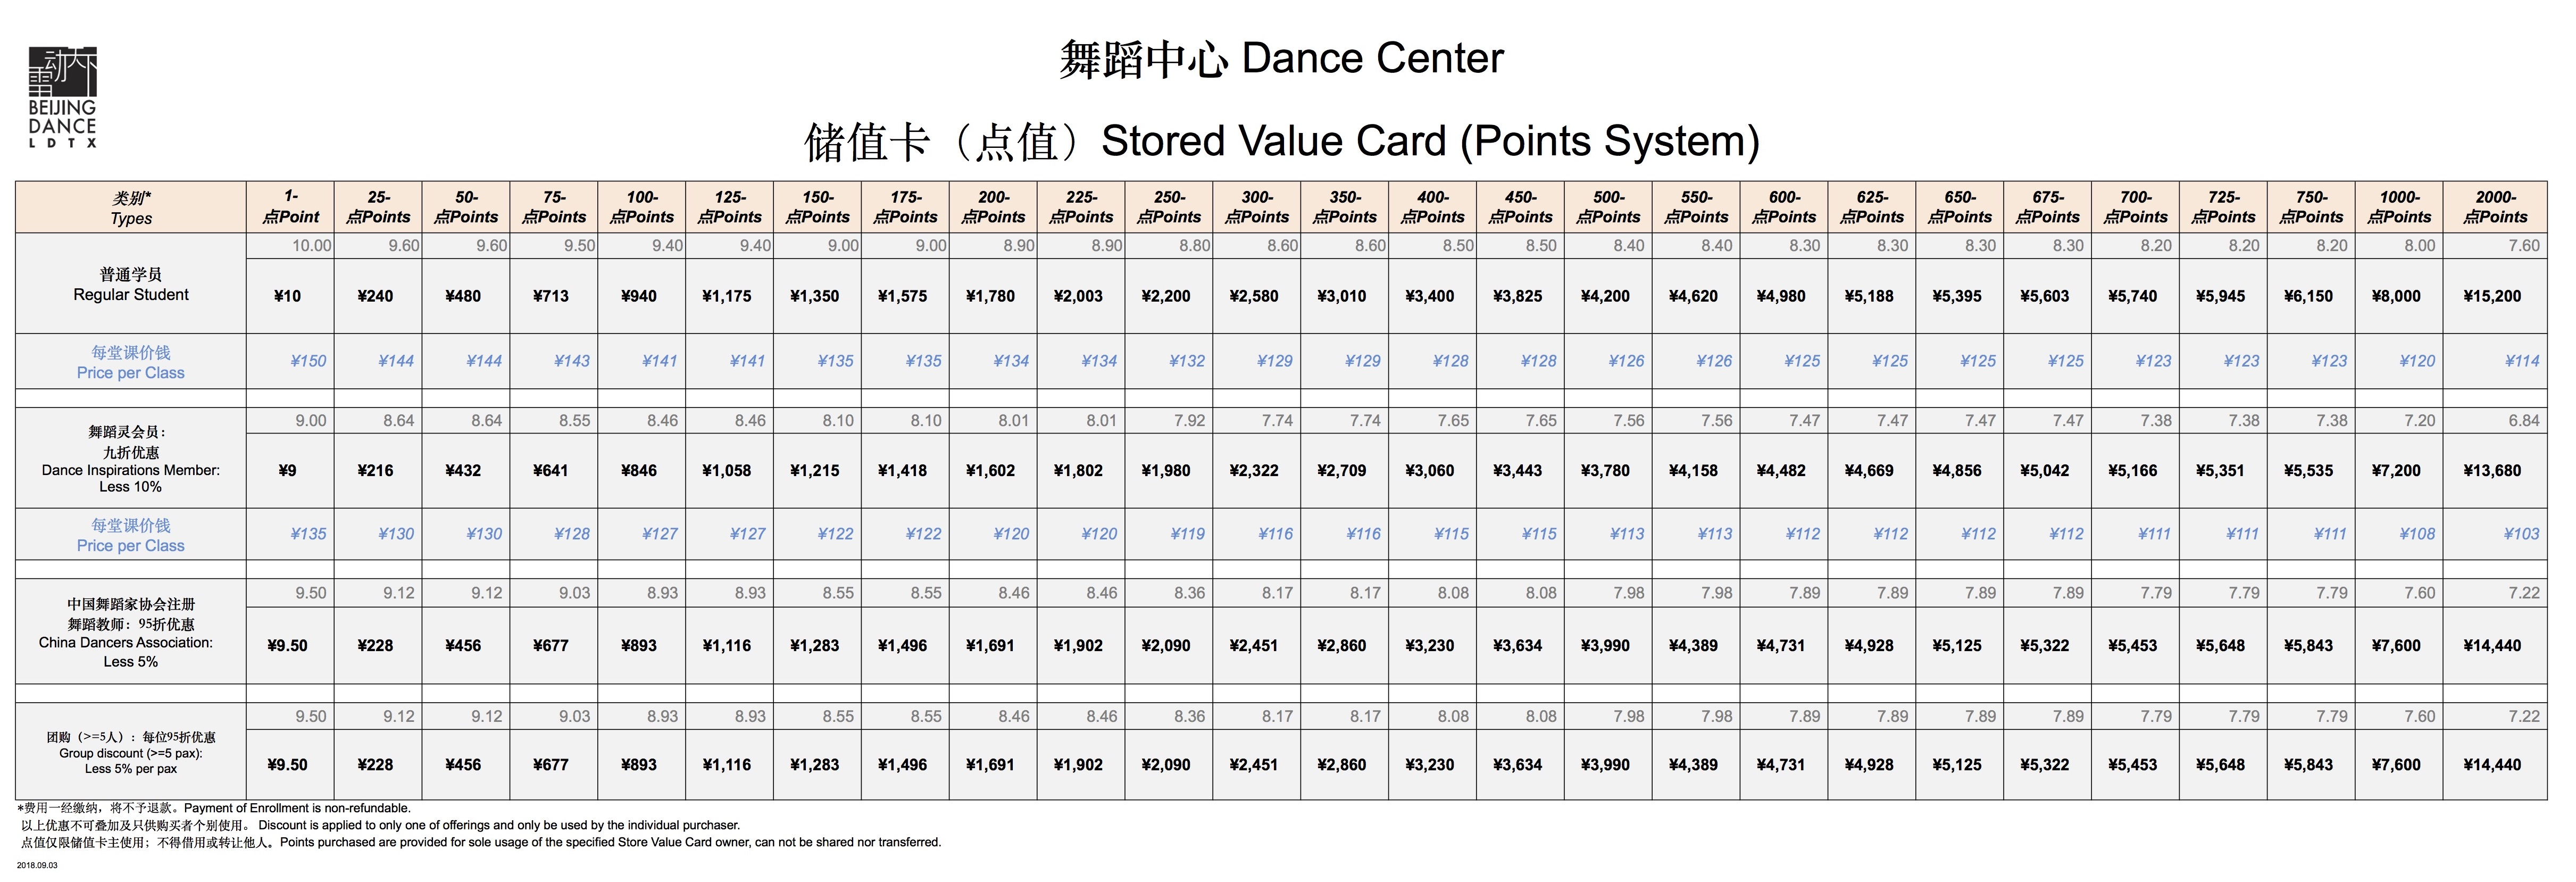 Class课程表_$-2019(内)_2019-01-10.jpg